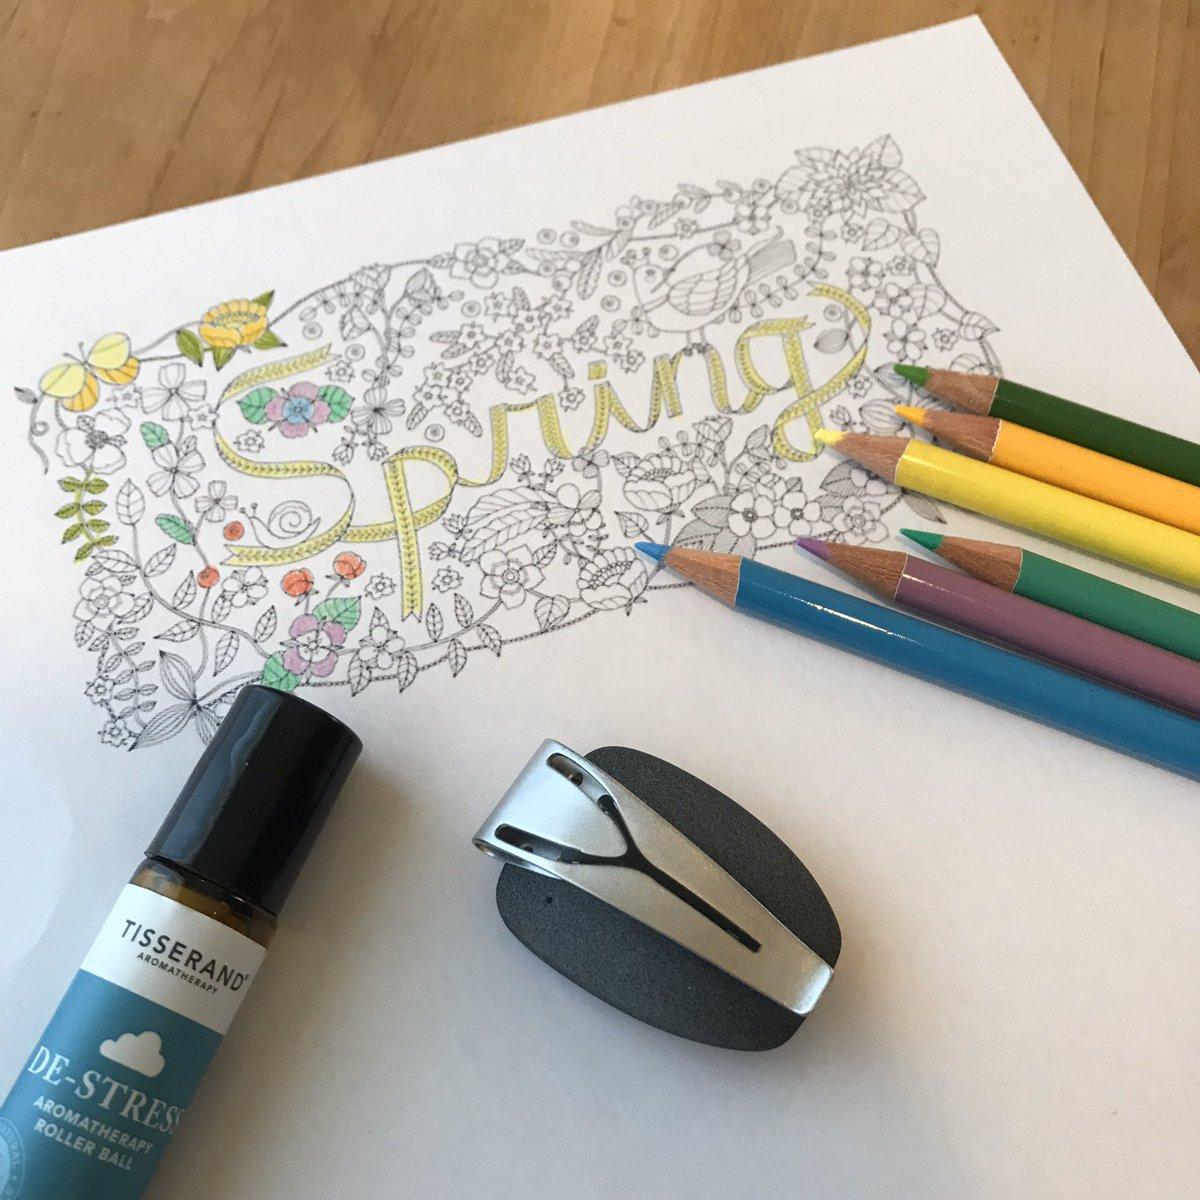 GWのおうち時間、どんなふうに過ごしましたか?  最近、おとなの塗り絵をやっています。単純作業に没頭すると、呼吸が落ち着き、自律神経のバランスも整います。  きれいな色や柄にも癒されます。  #スパイア #おとなの塗り絵 #呼吸 https://t.co/jZKBbTqml5